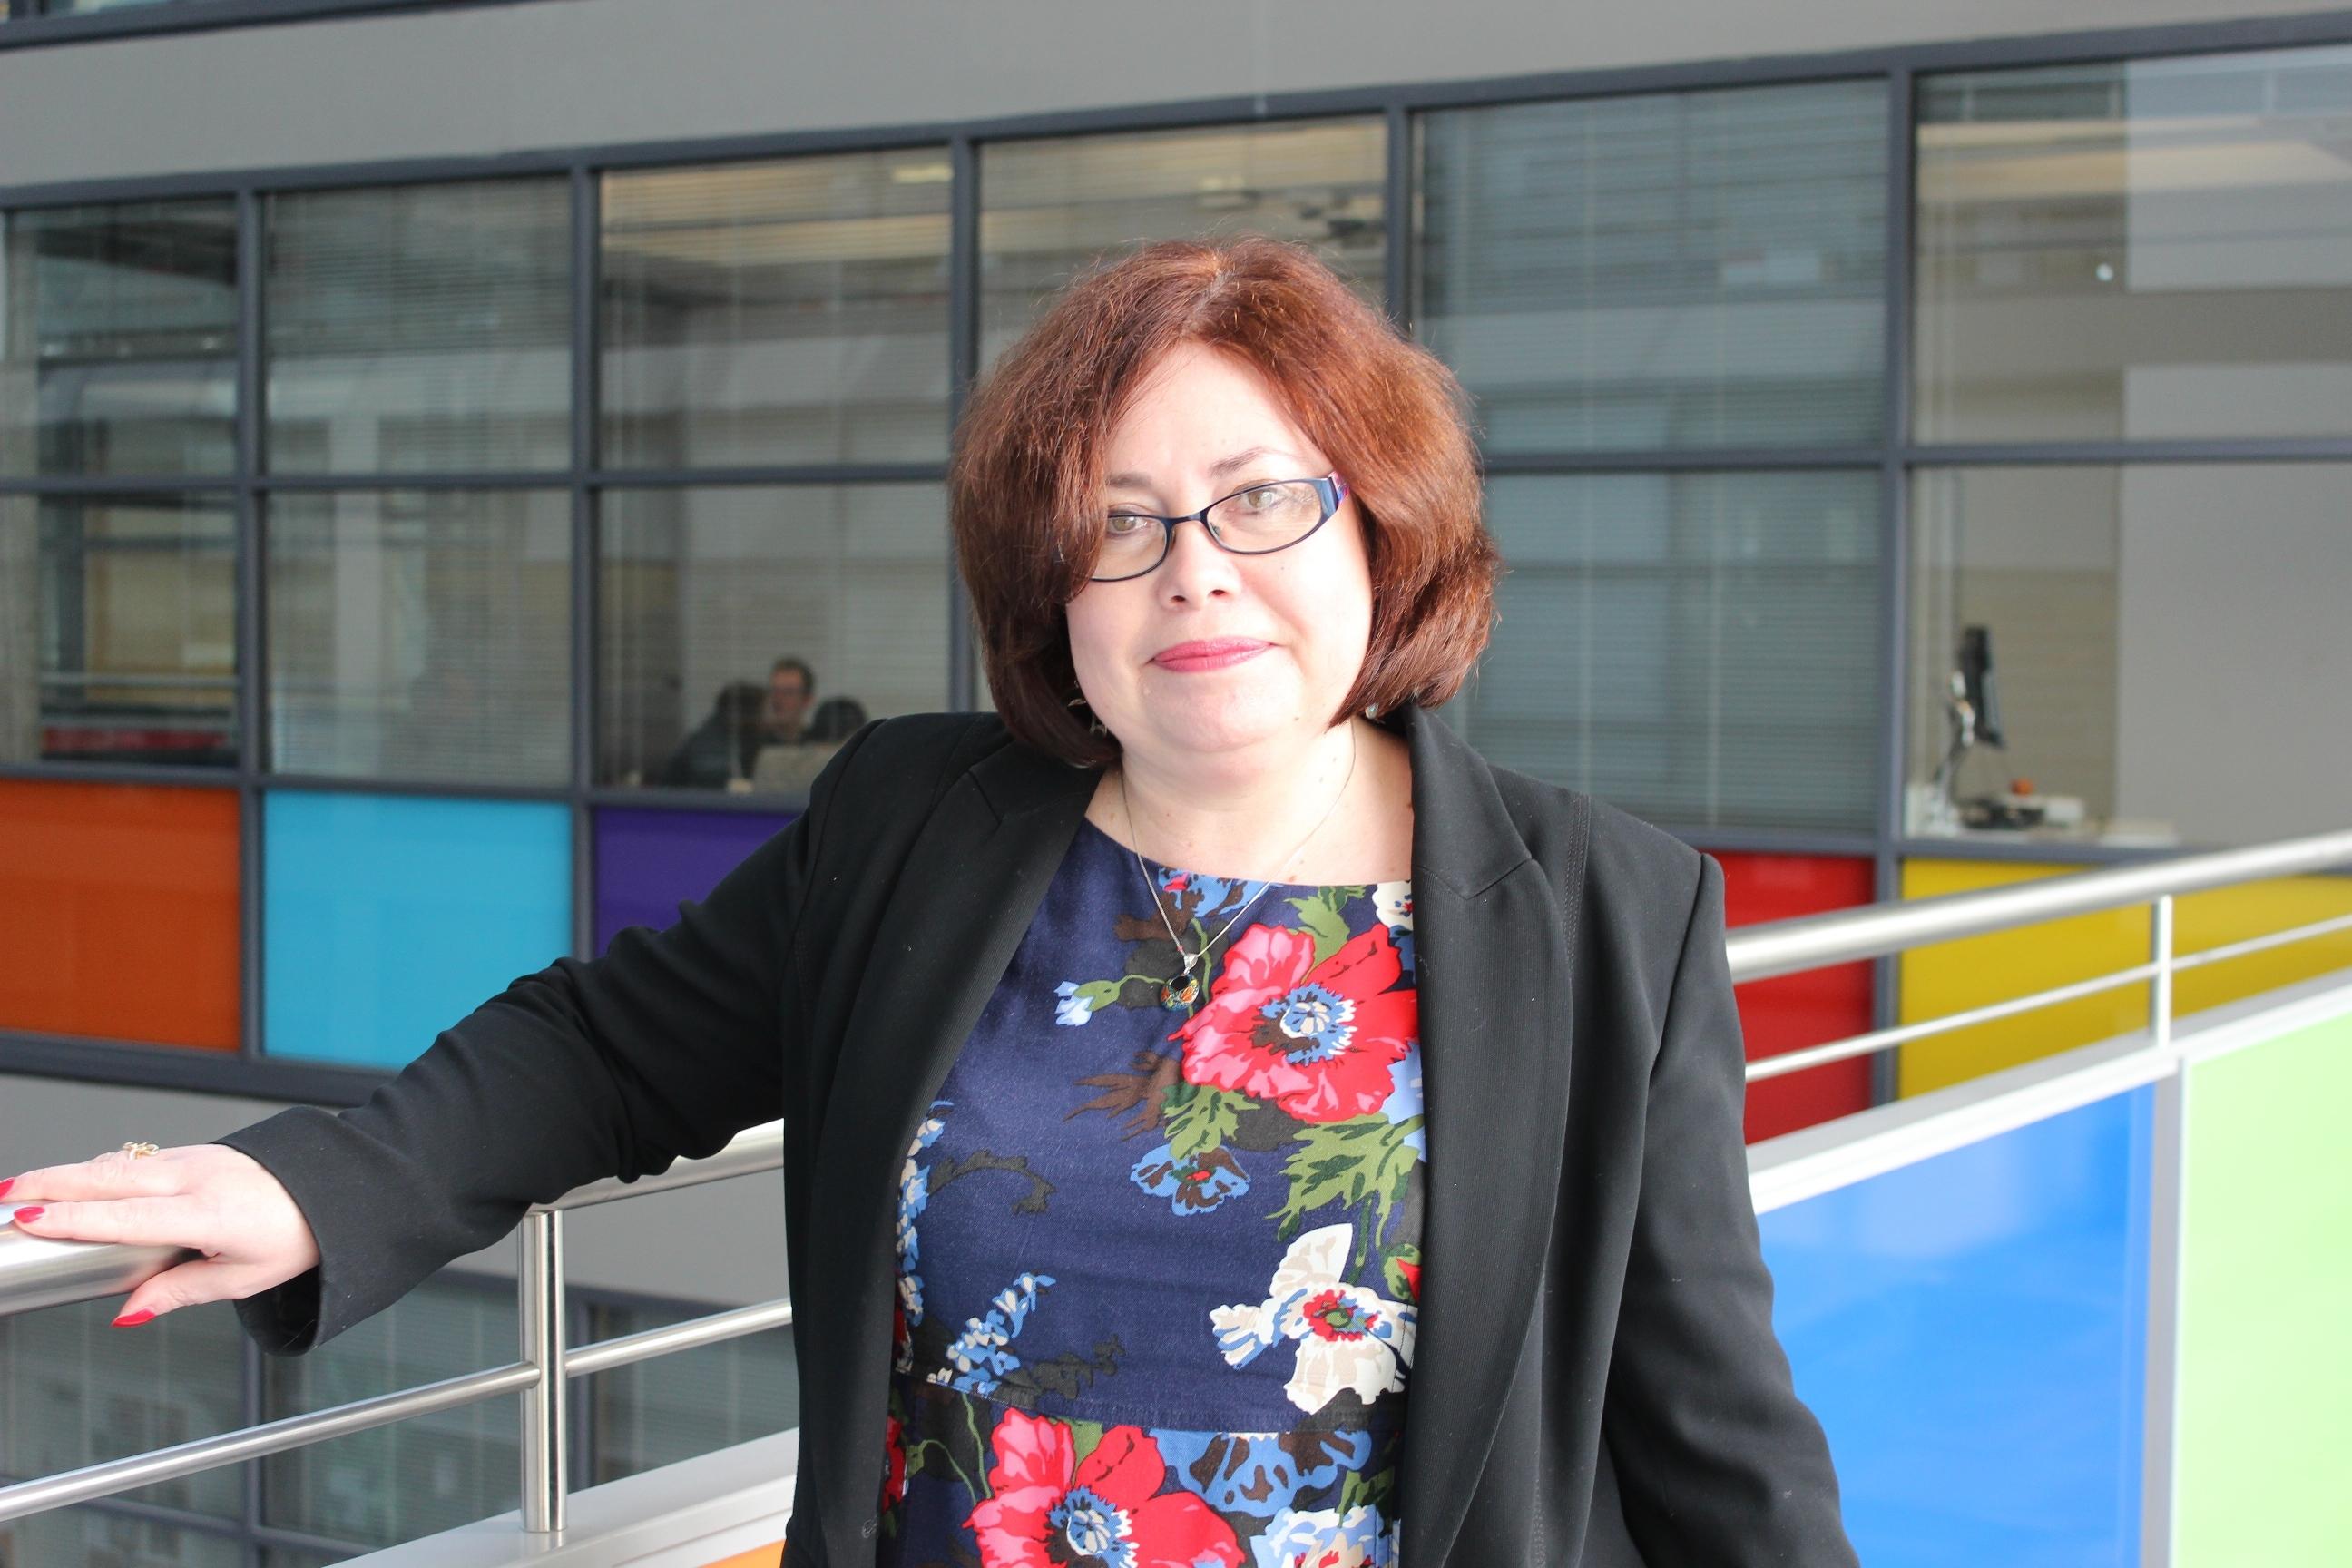 Professor Sarah Pedersen